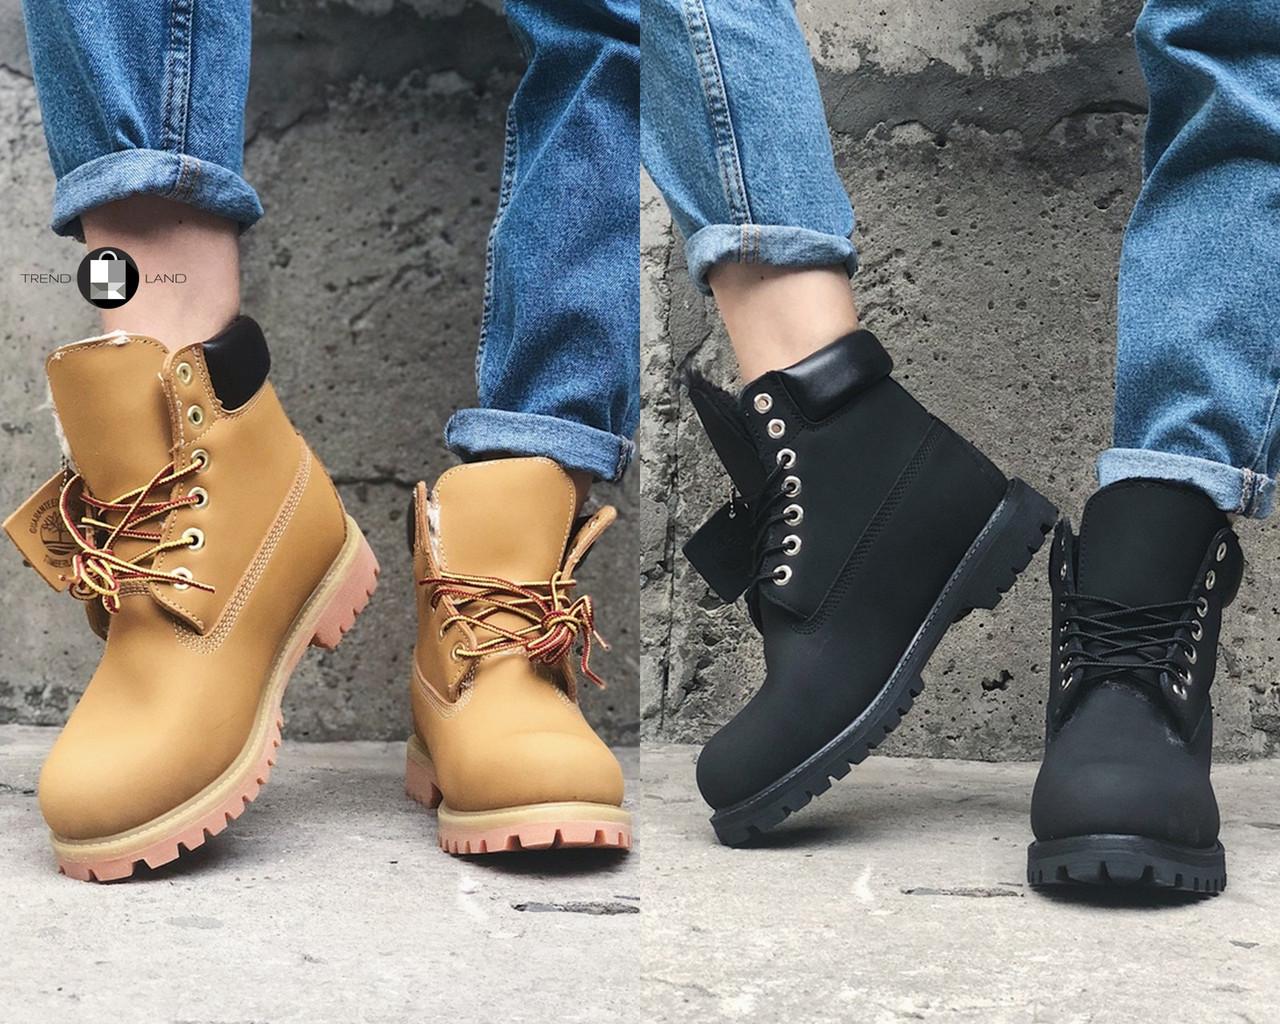 Жіночі зимові хутряні черевики в стилі Timberland Boots 2 кольори в наявності